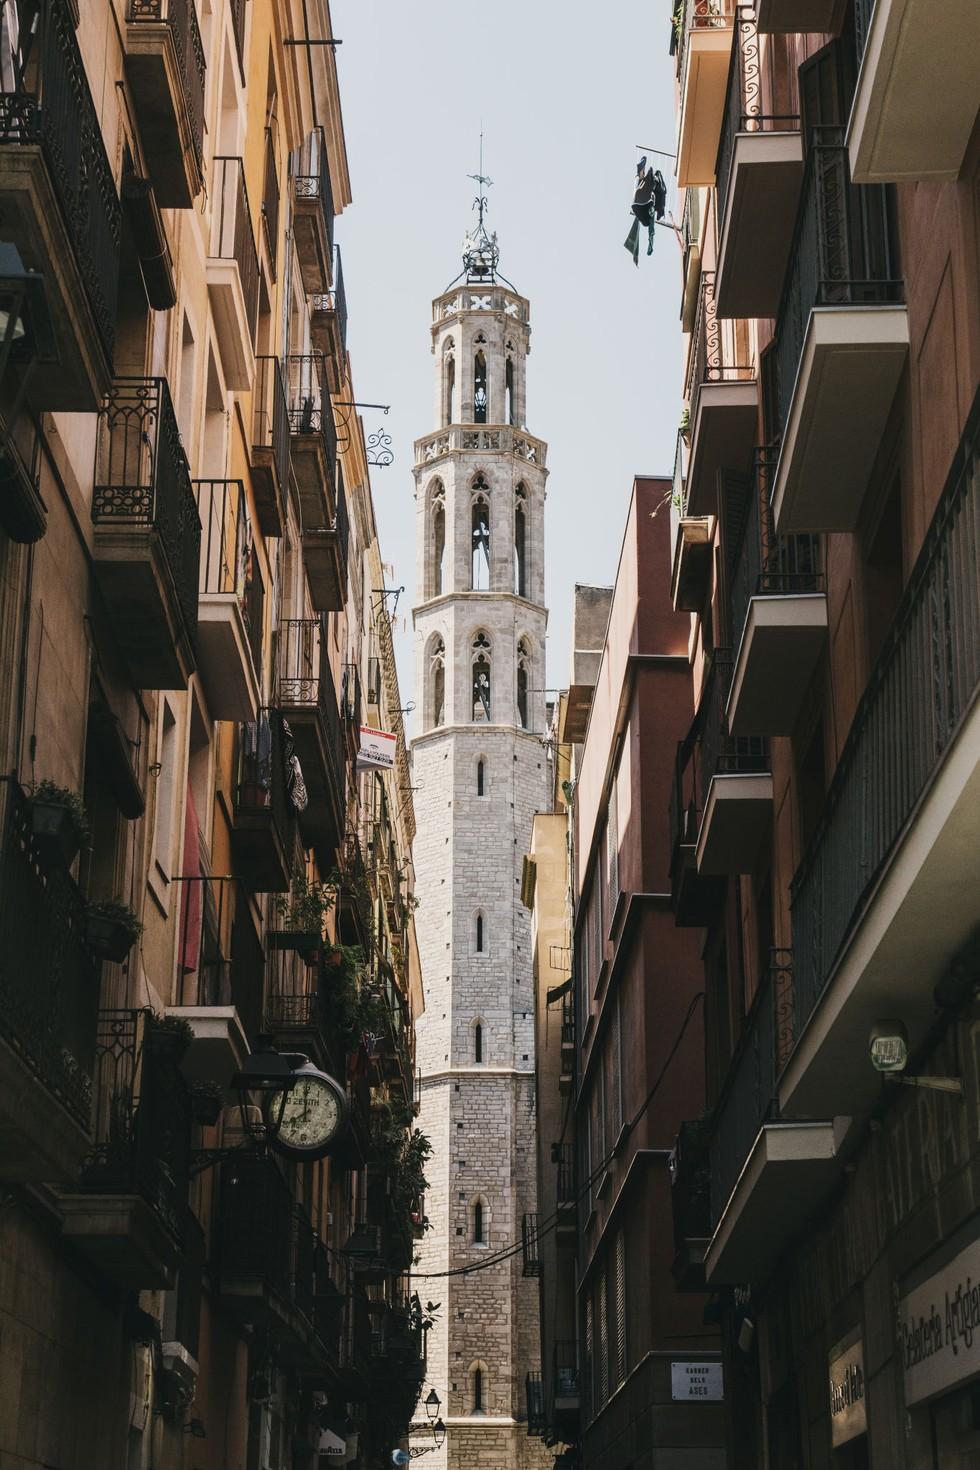 The Gothic Basílica de Santa Maria del Mar